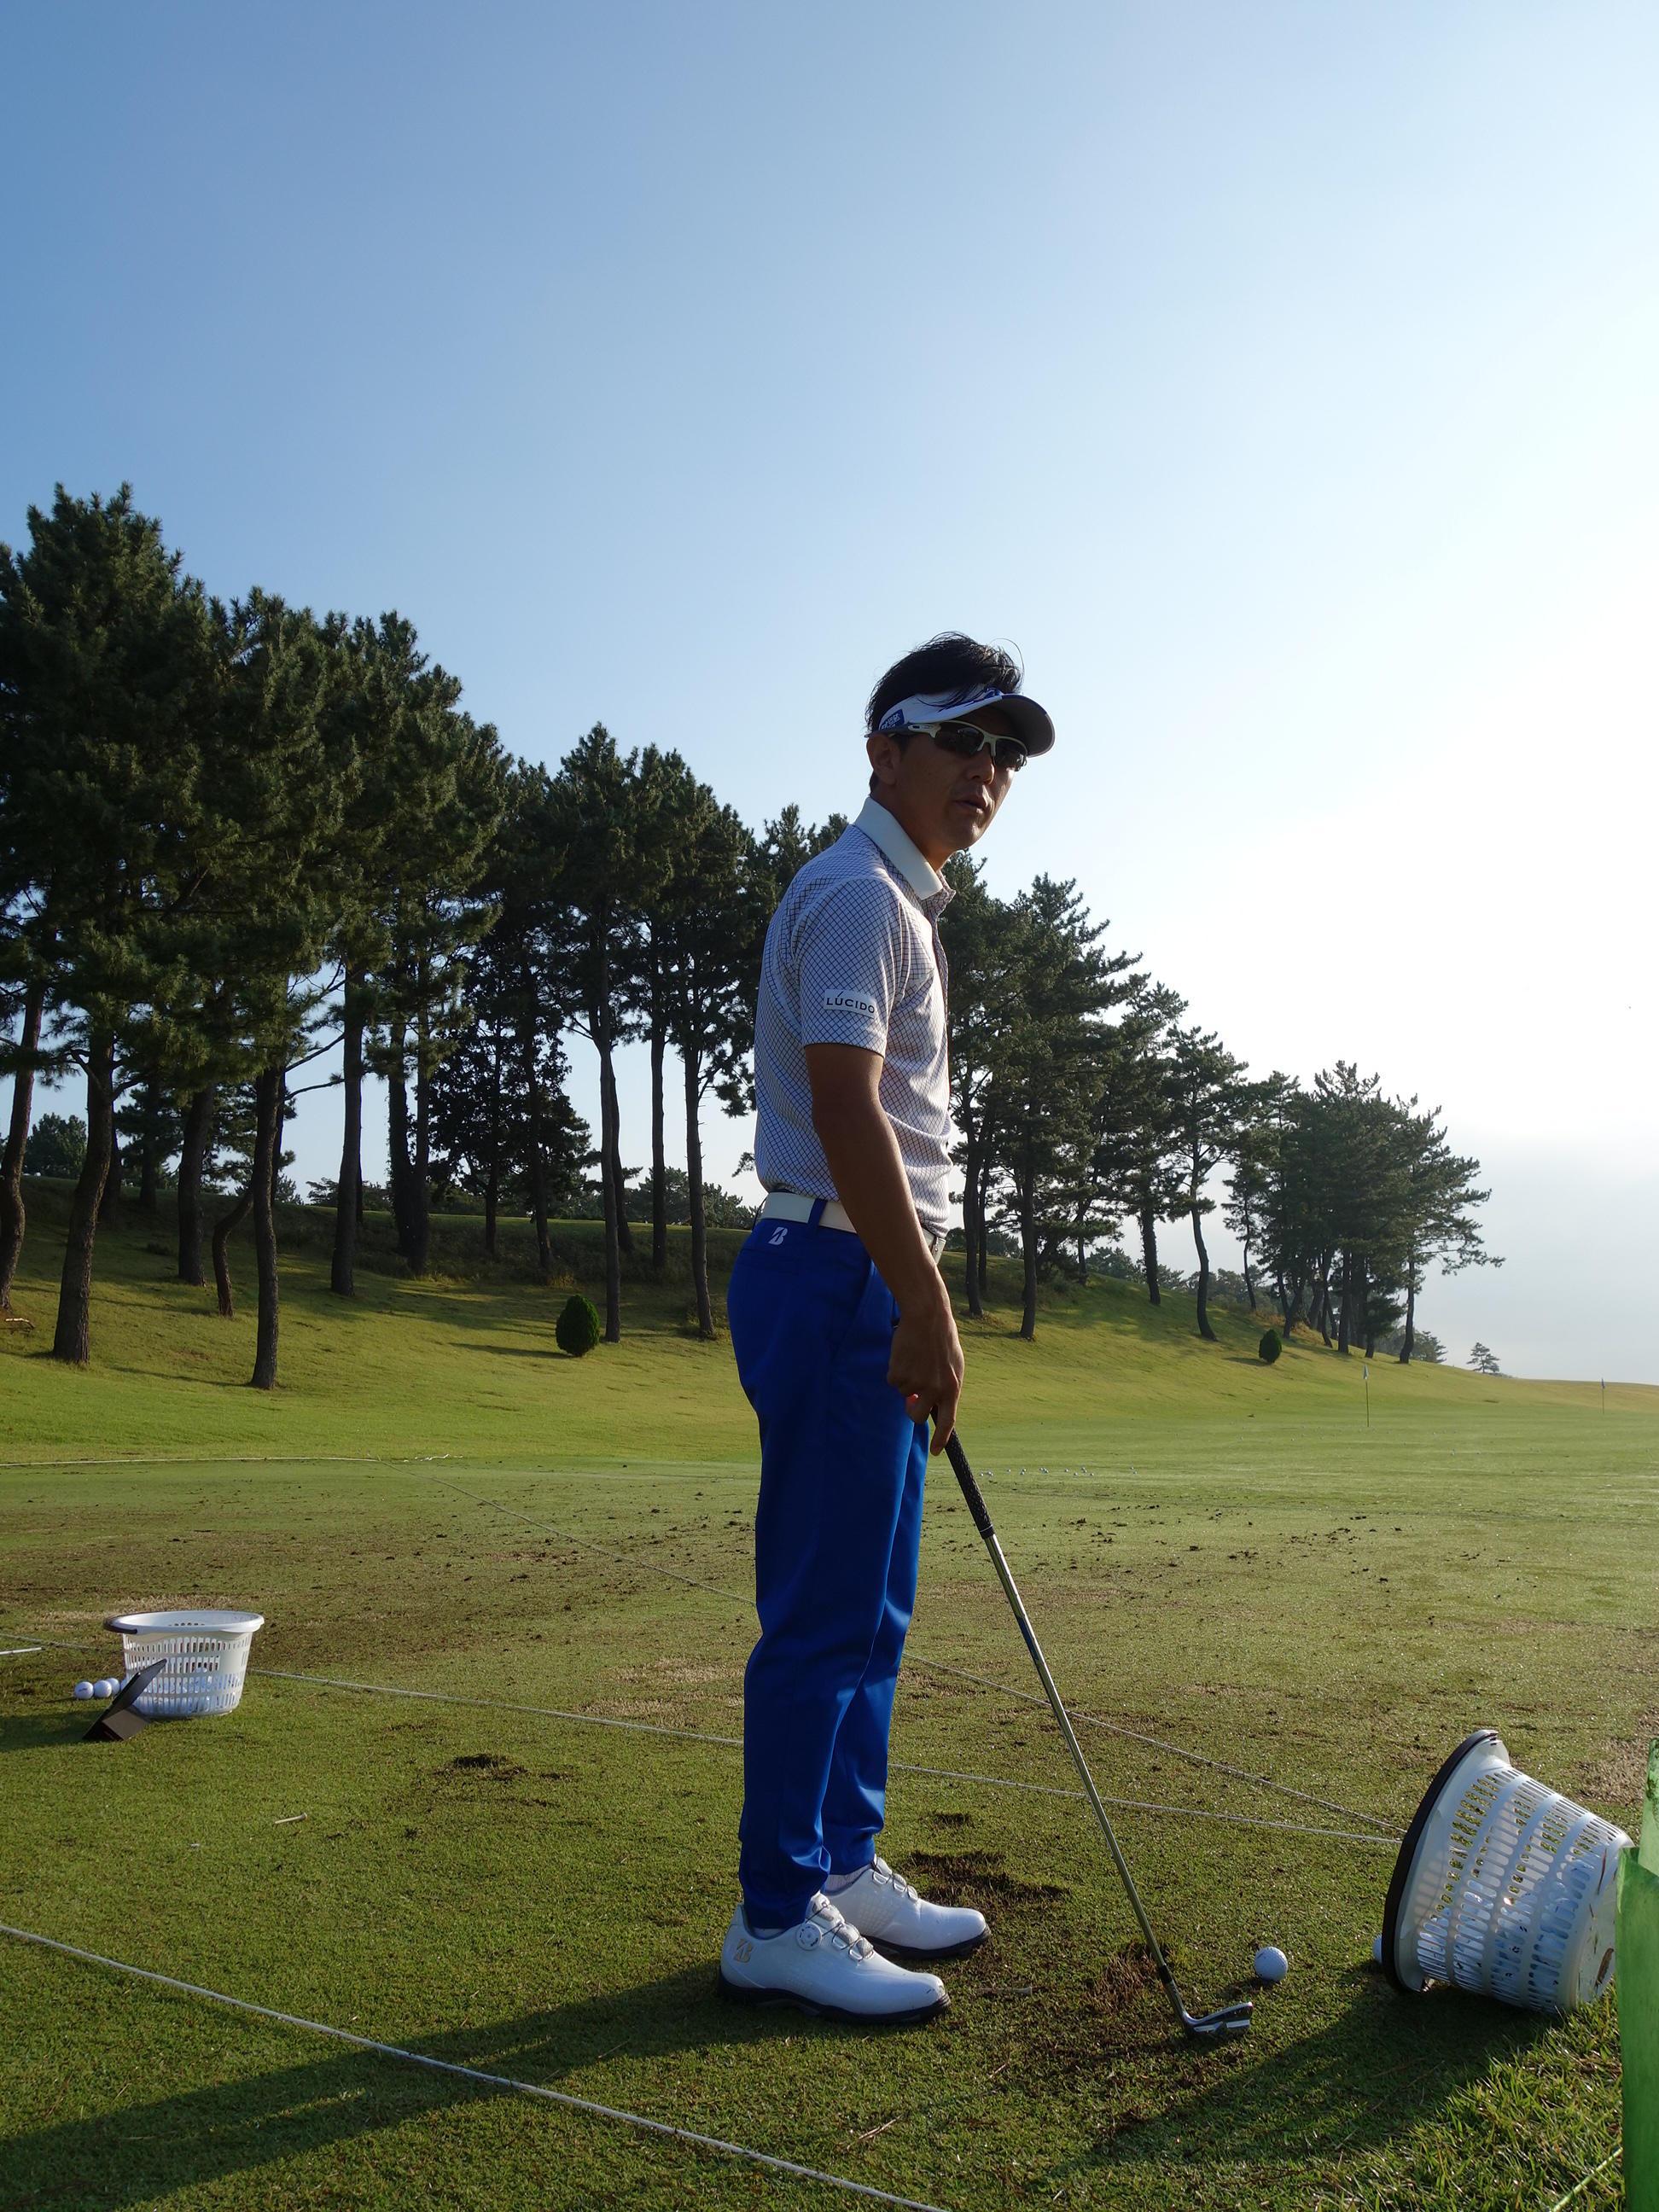 http://www.bs-golf.com/pro/9f2621c9c512a4d64c5d84433016e431e09cc2b1.JPG